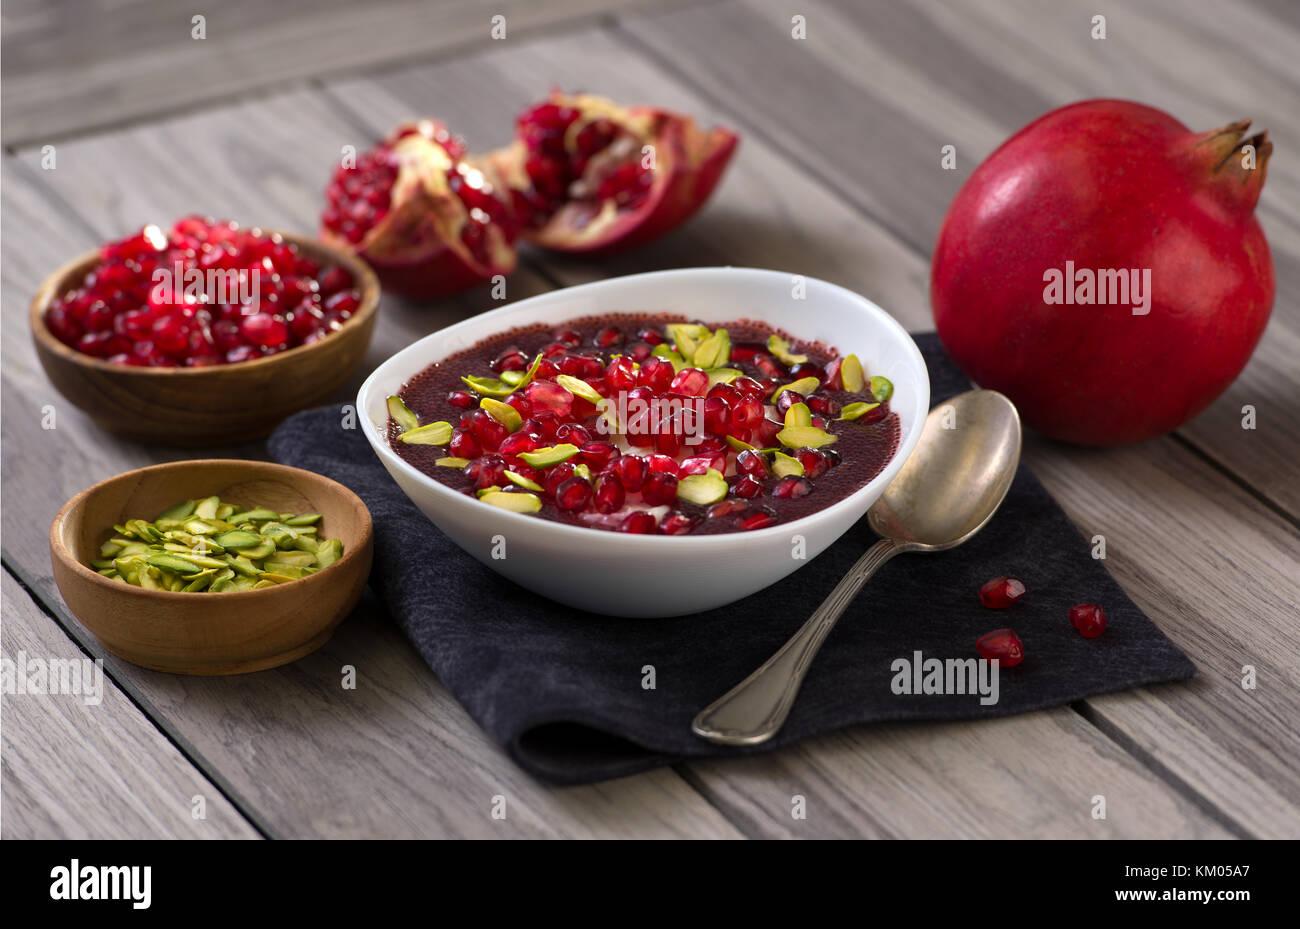 Deserto di melograno con semi di Chia, budino di tapioca e yogurt. Il mangiare sano. Immagini Stock